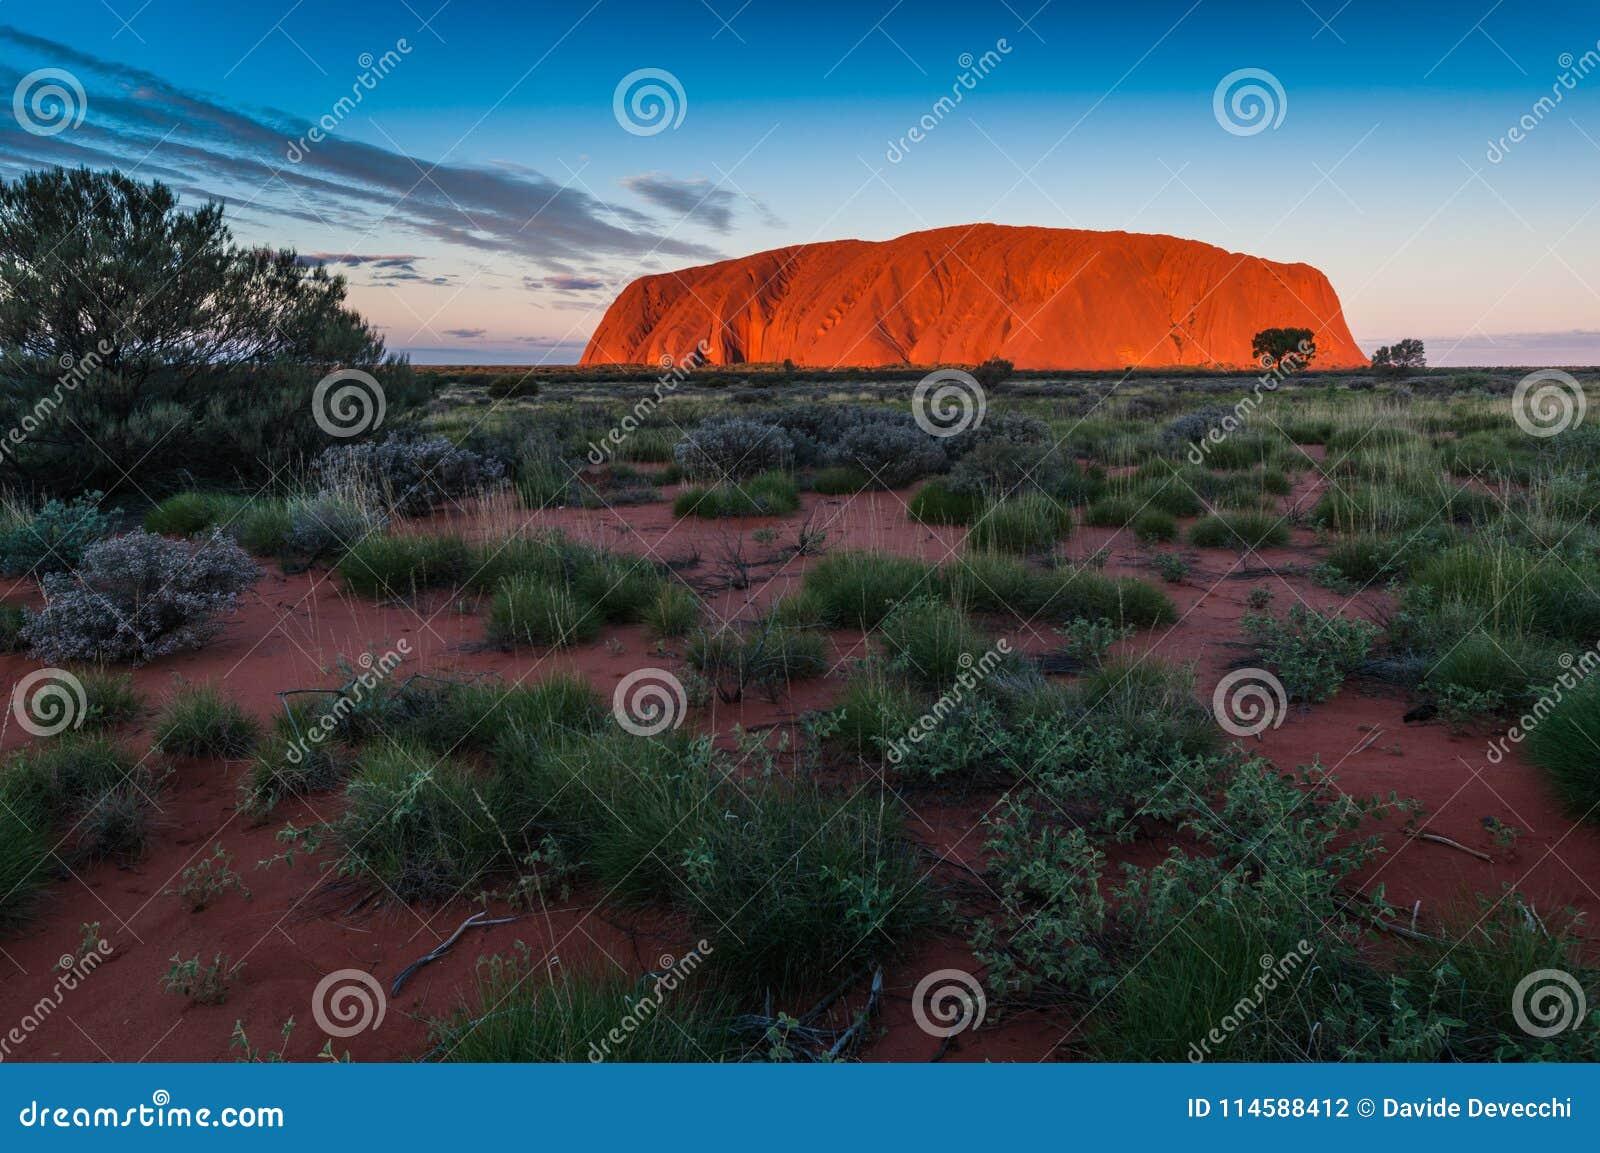 Ayersrots Uluru